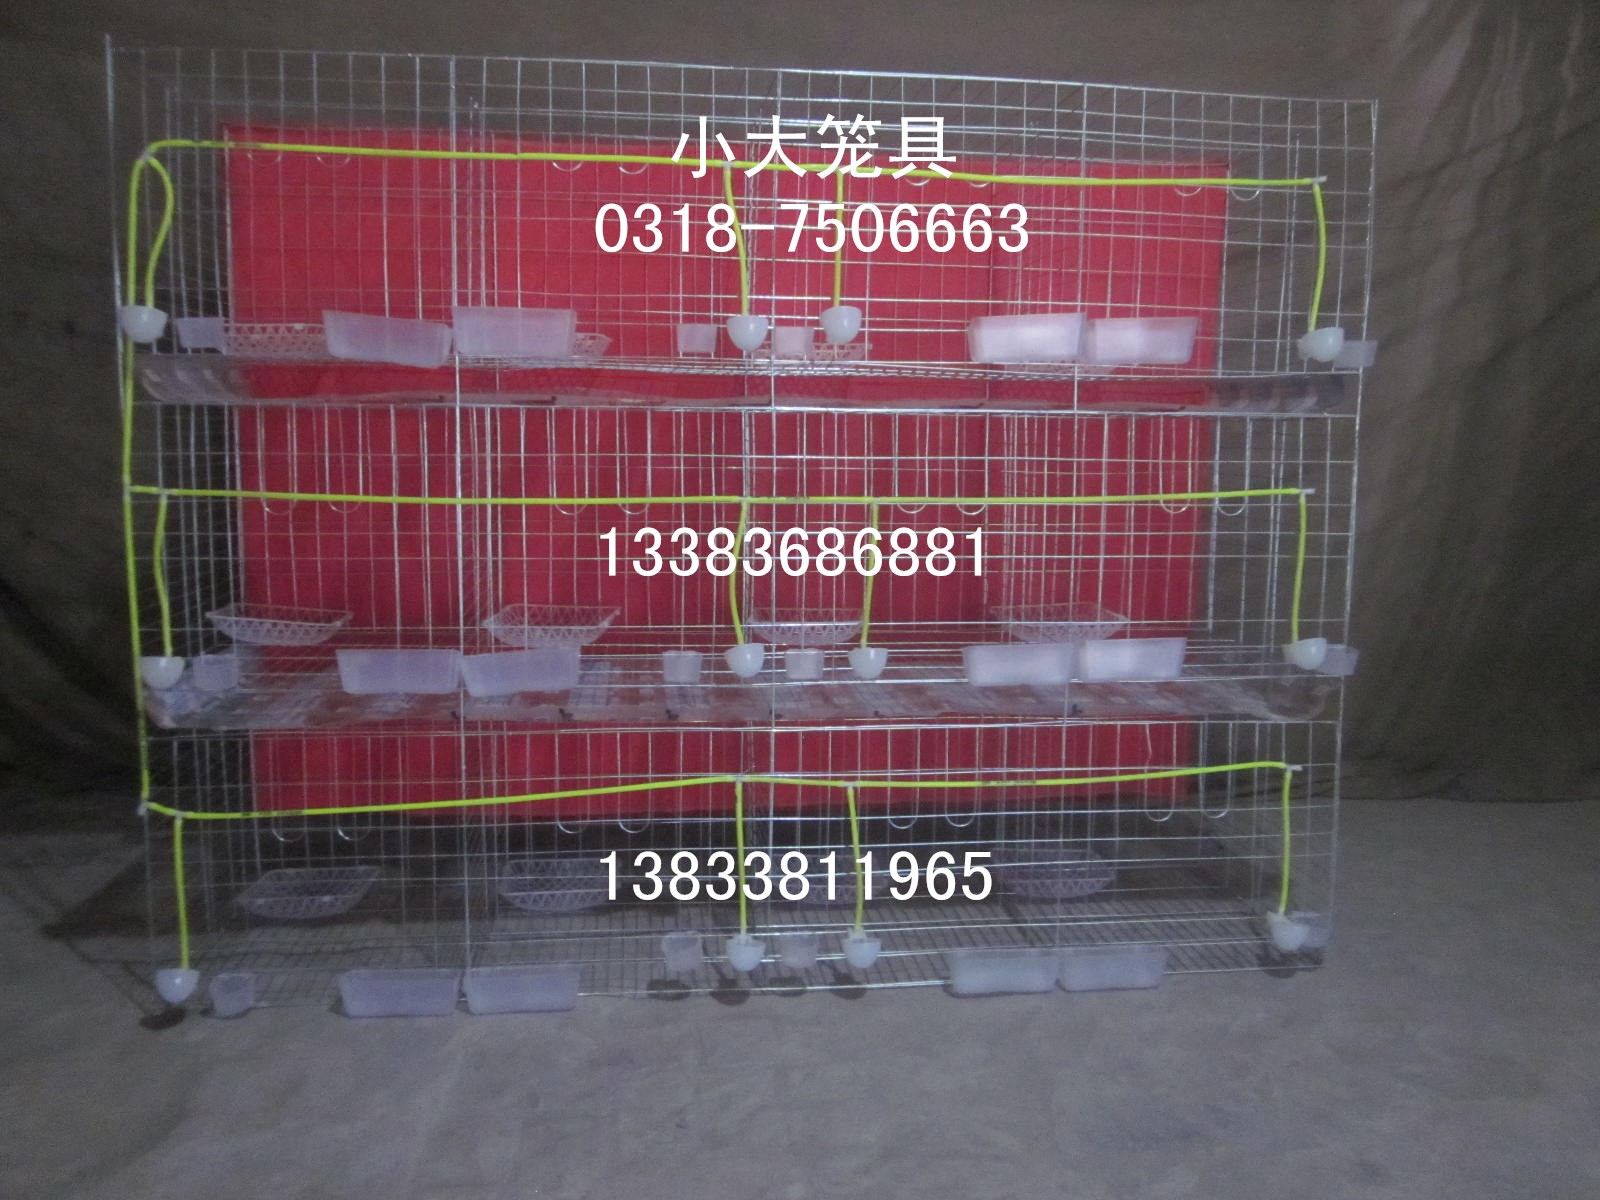 狐狸笼鹌鹑笼鸽子笼兔子笼宠物笼运输笼鸡笼鸽笼兔笼貉子笼鹧鸪笼